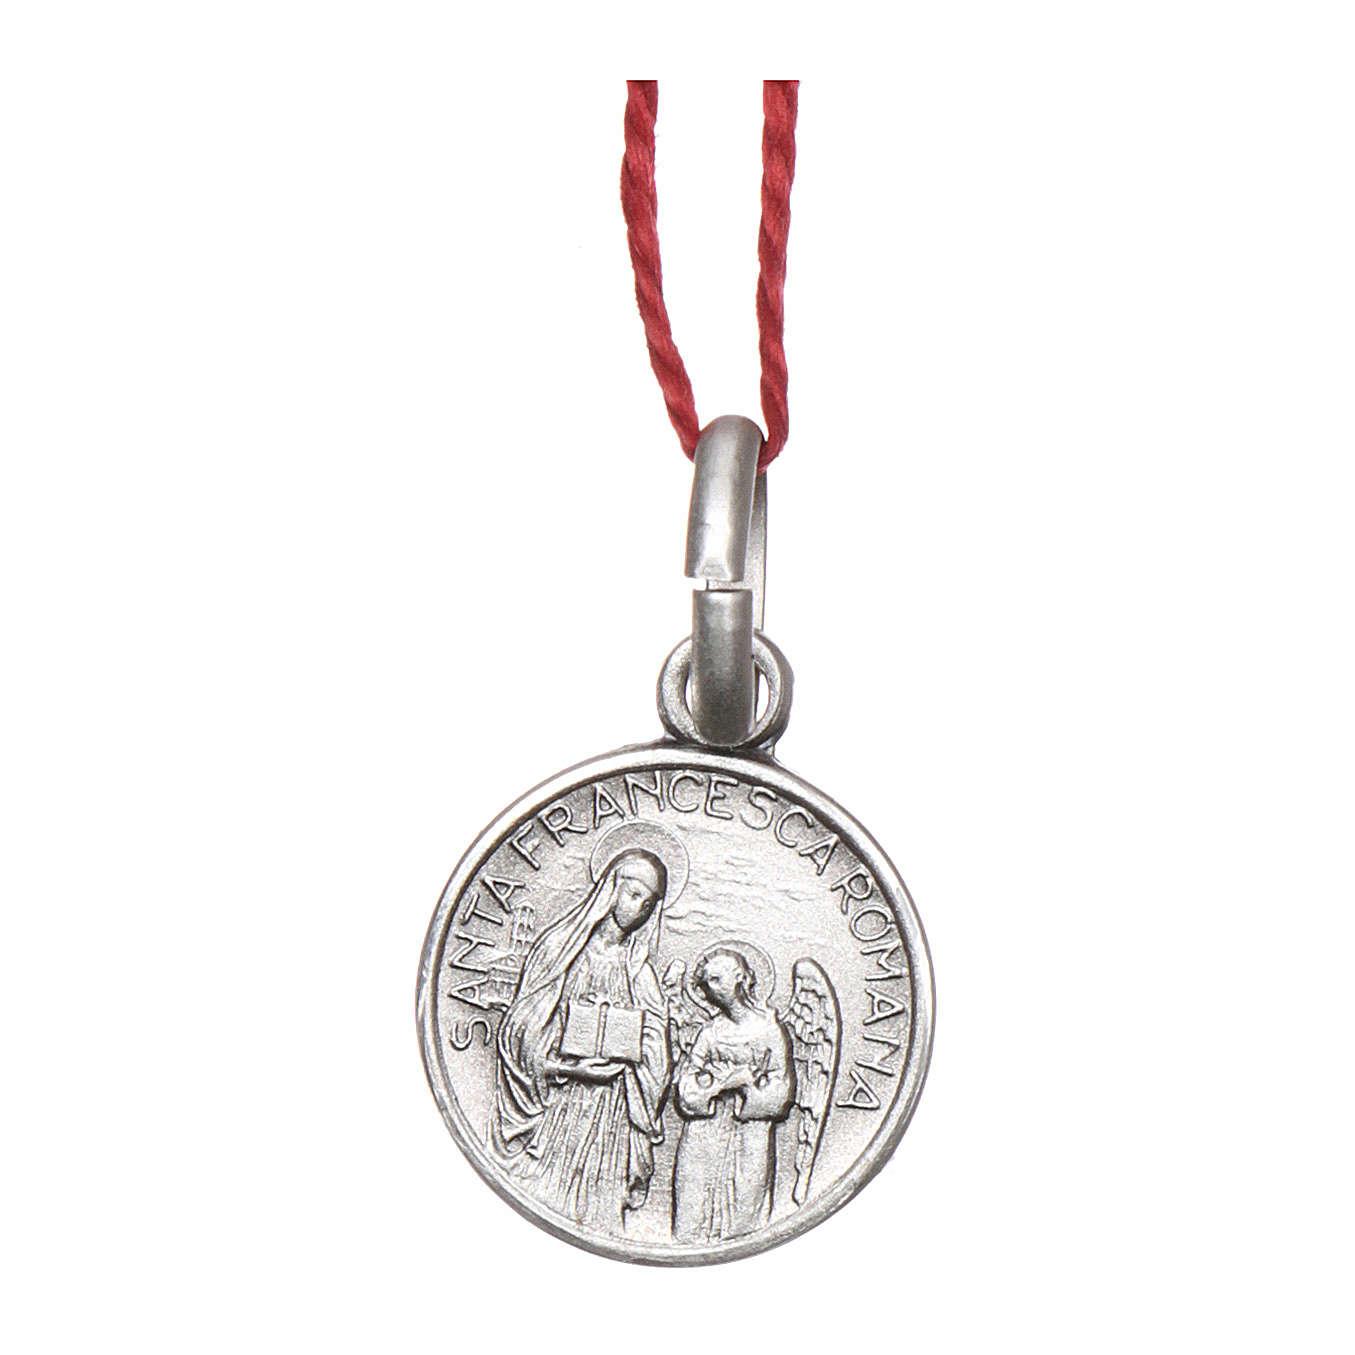 Medalha Santa Francisca Romana prata 925 radiada 10 mm 4